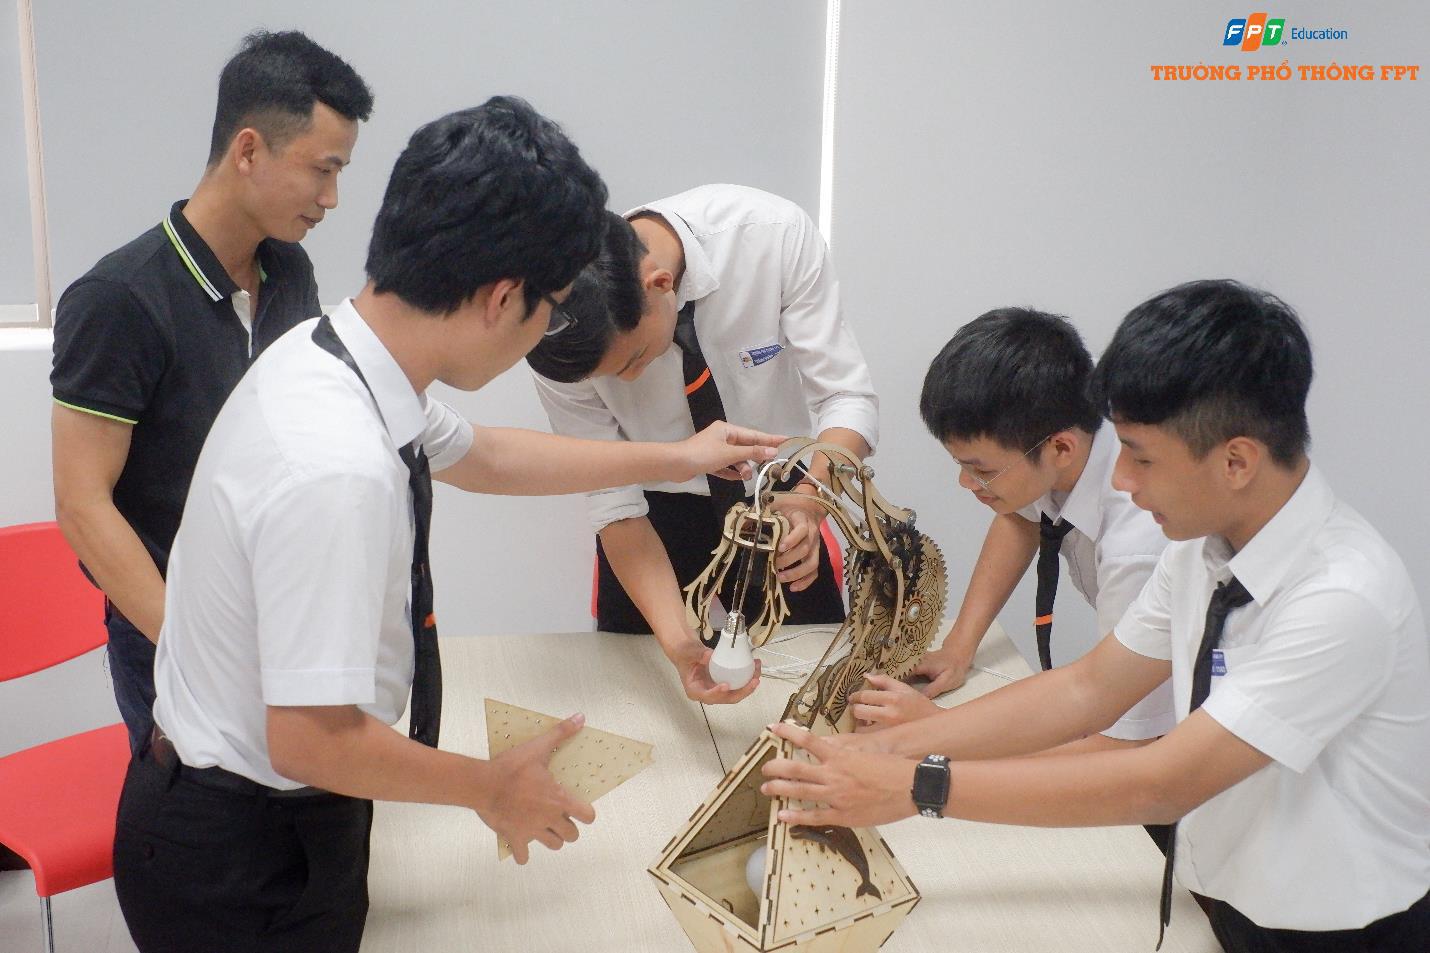 Giáo dục phổ thông thế kỷ 21 tại trường THPT FPT Đà Nẵng - Ảnh 1.